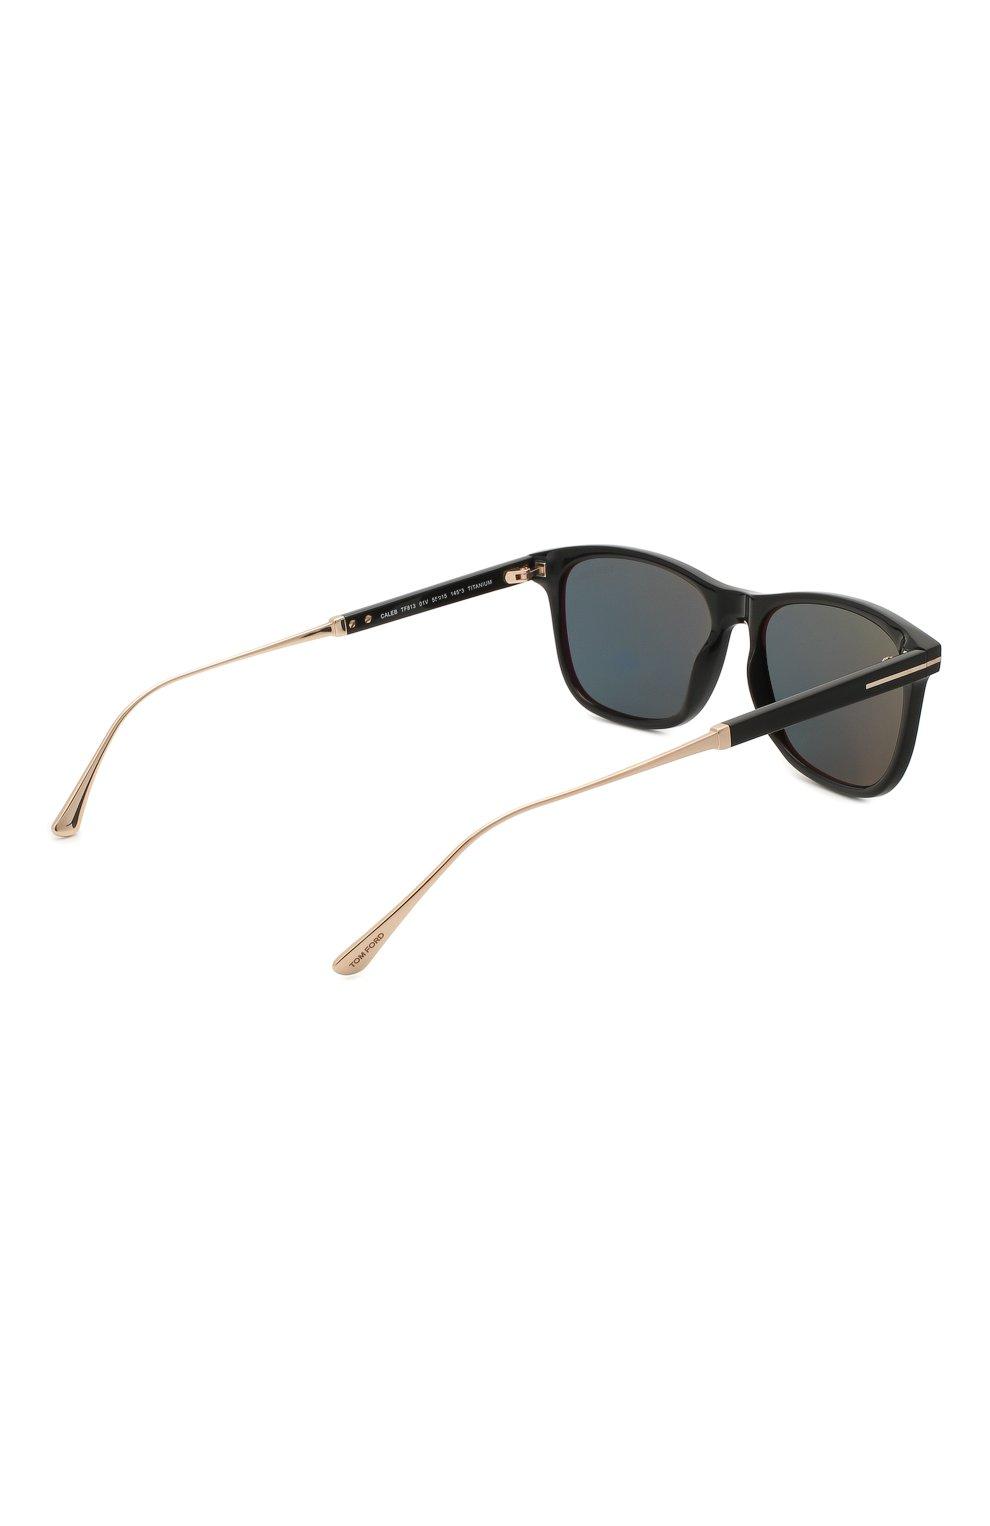 Мужские солнцезащитные очки TOM FORD синего цвета, арт. TF813 01V | Фото 4